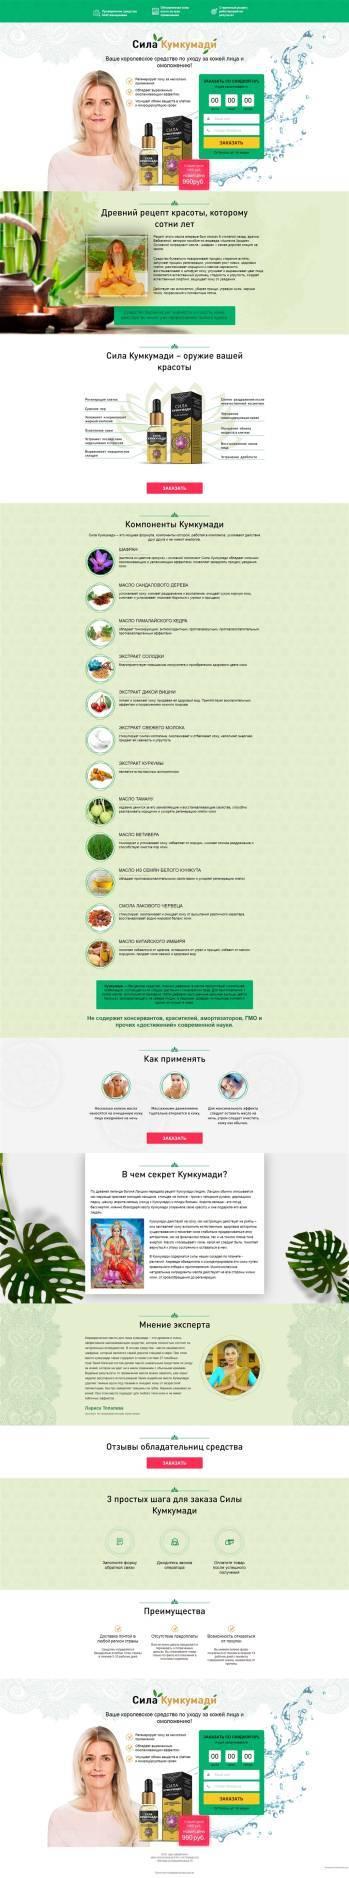 Шафран — полезные свойства, противопоказания, как принимать пряность и хранить, рецепты и применение